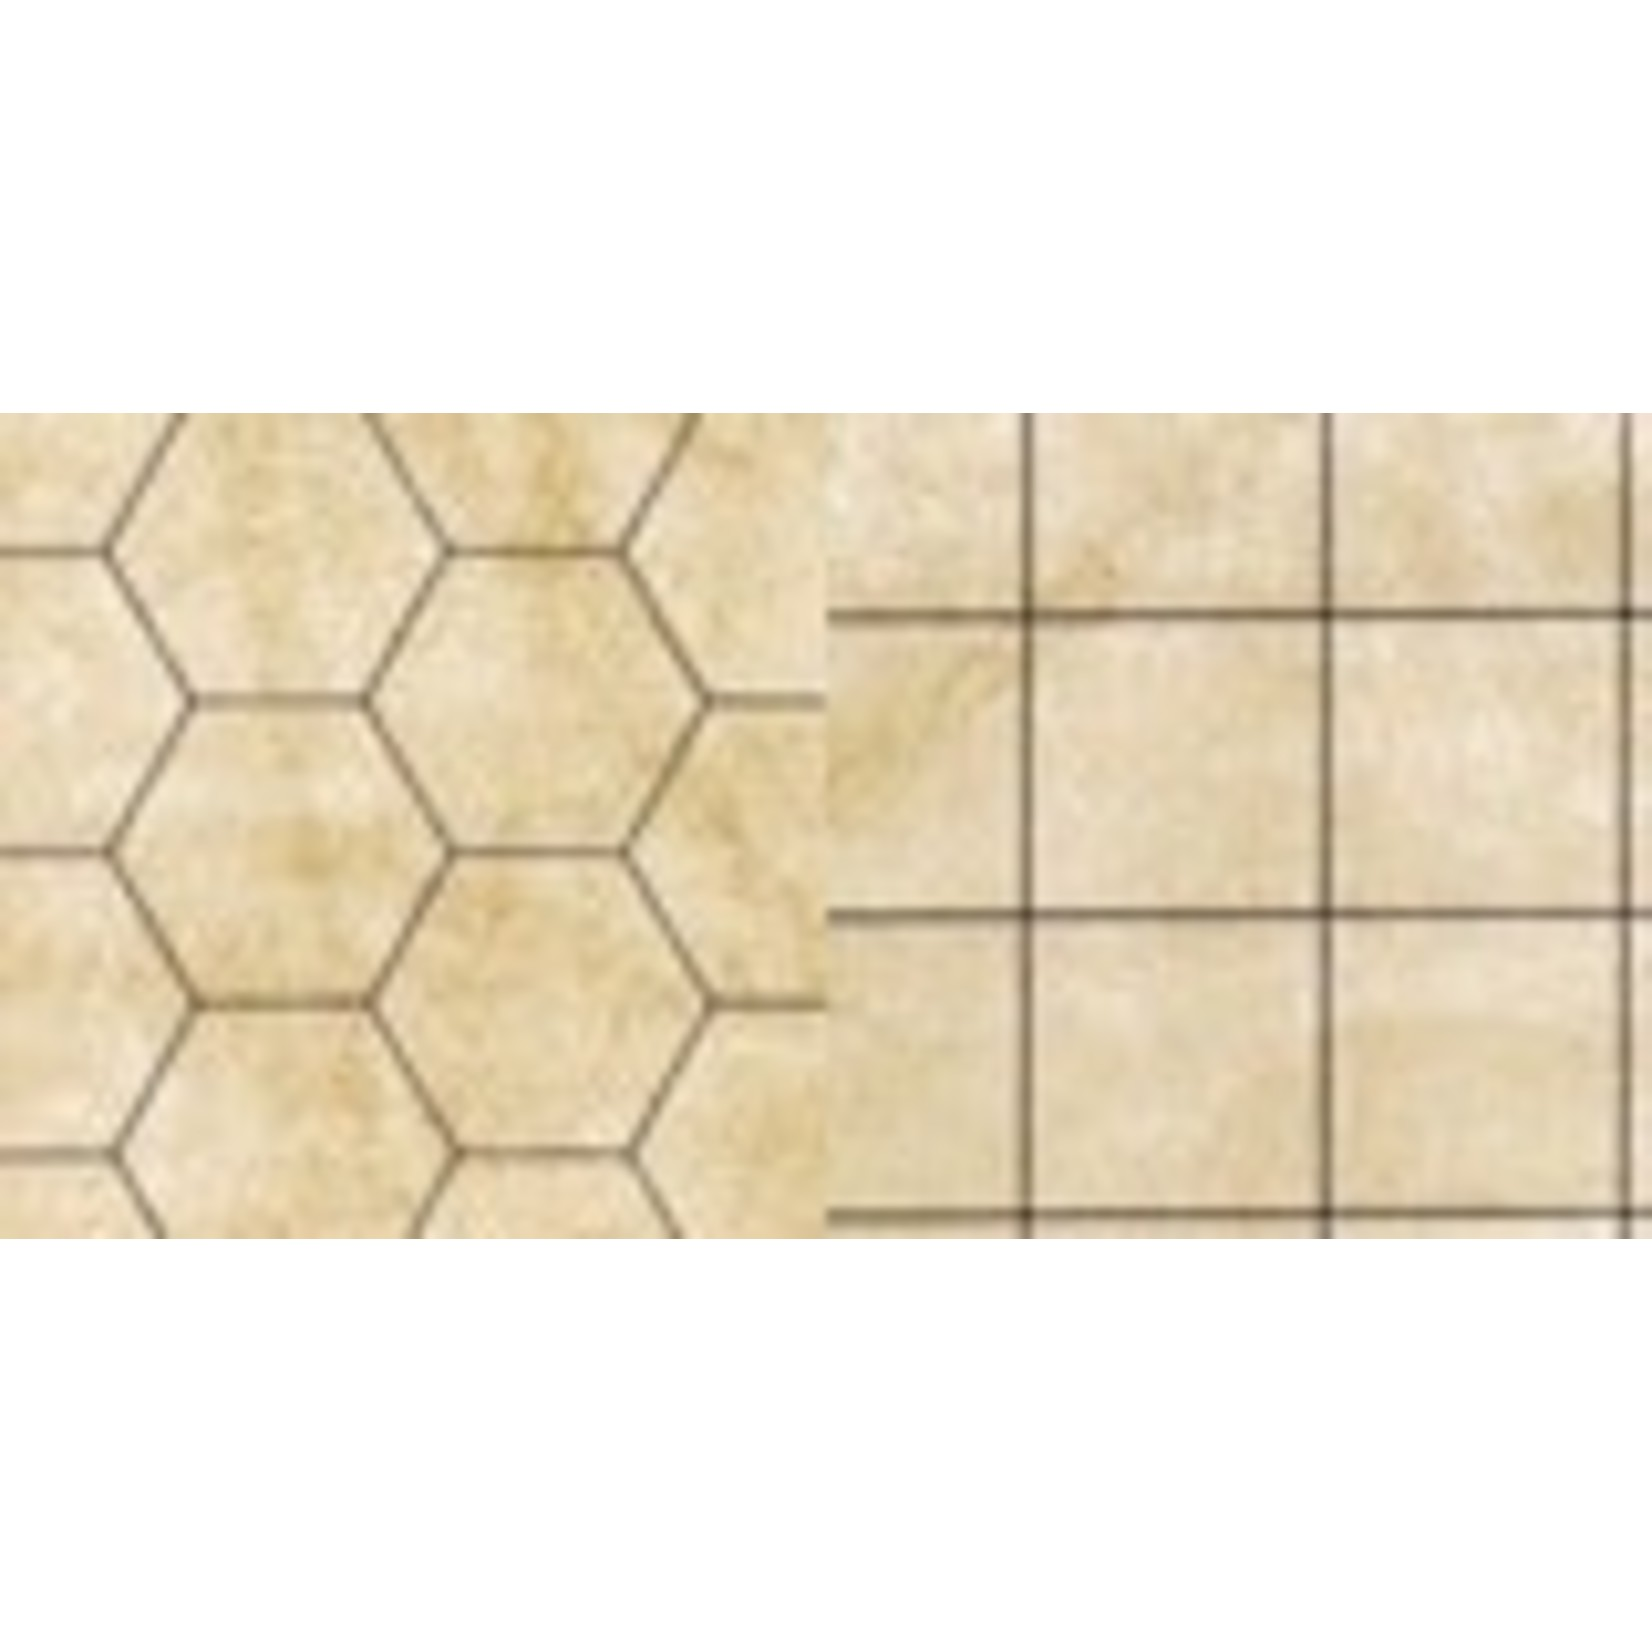 Chessex Battlemat reversible (23.5'' x 26)